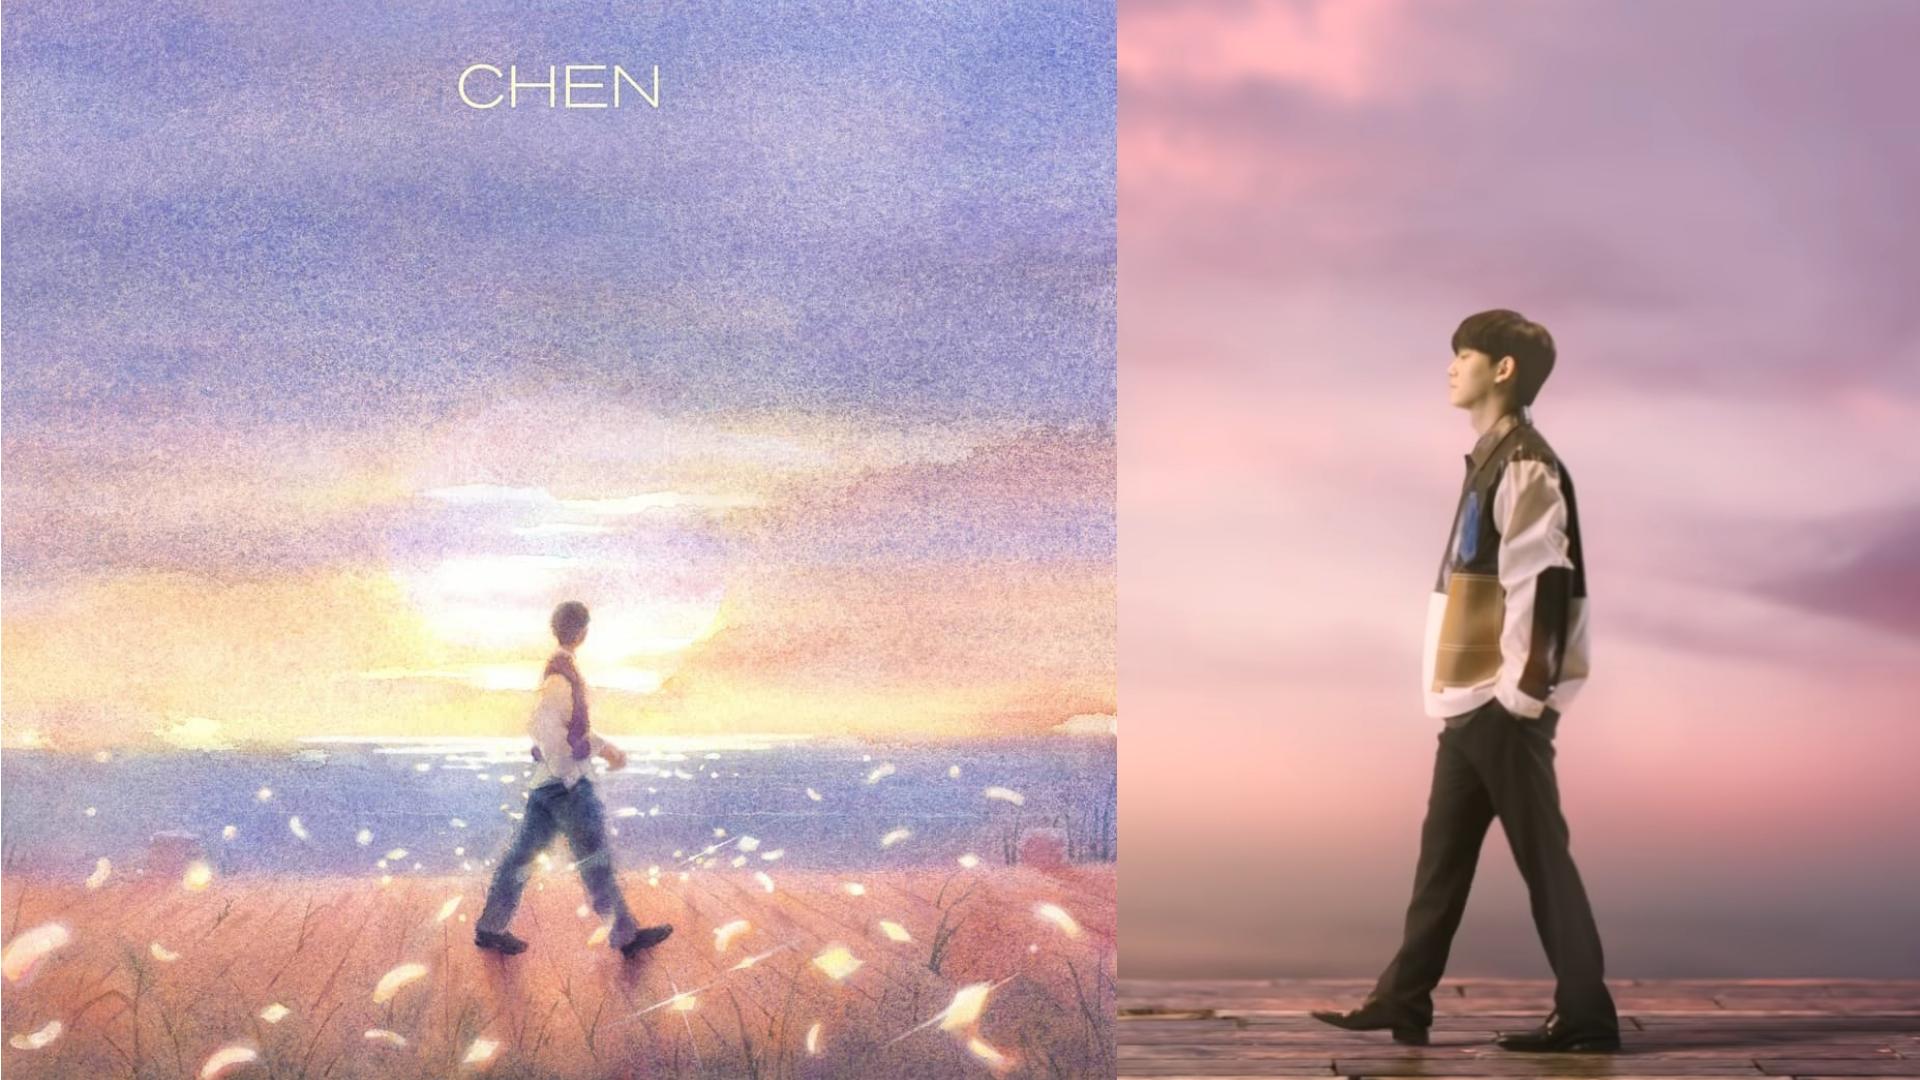 EXO Chen Hello MV Released